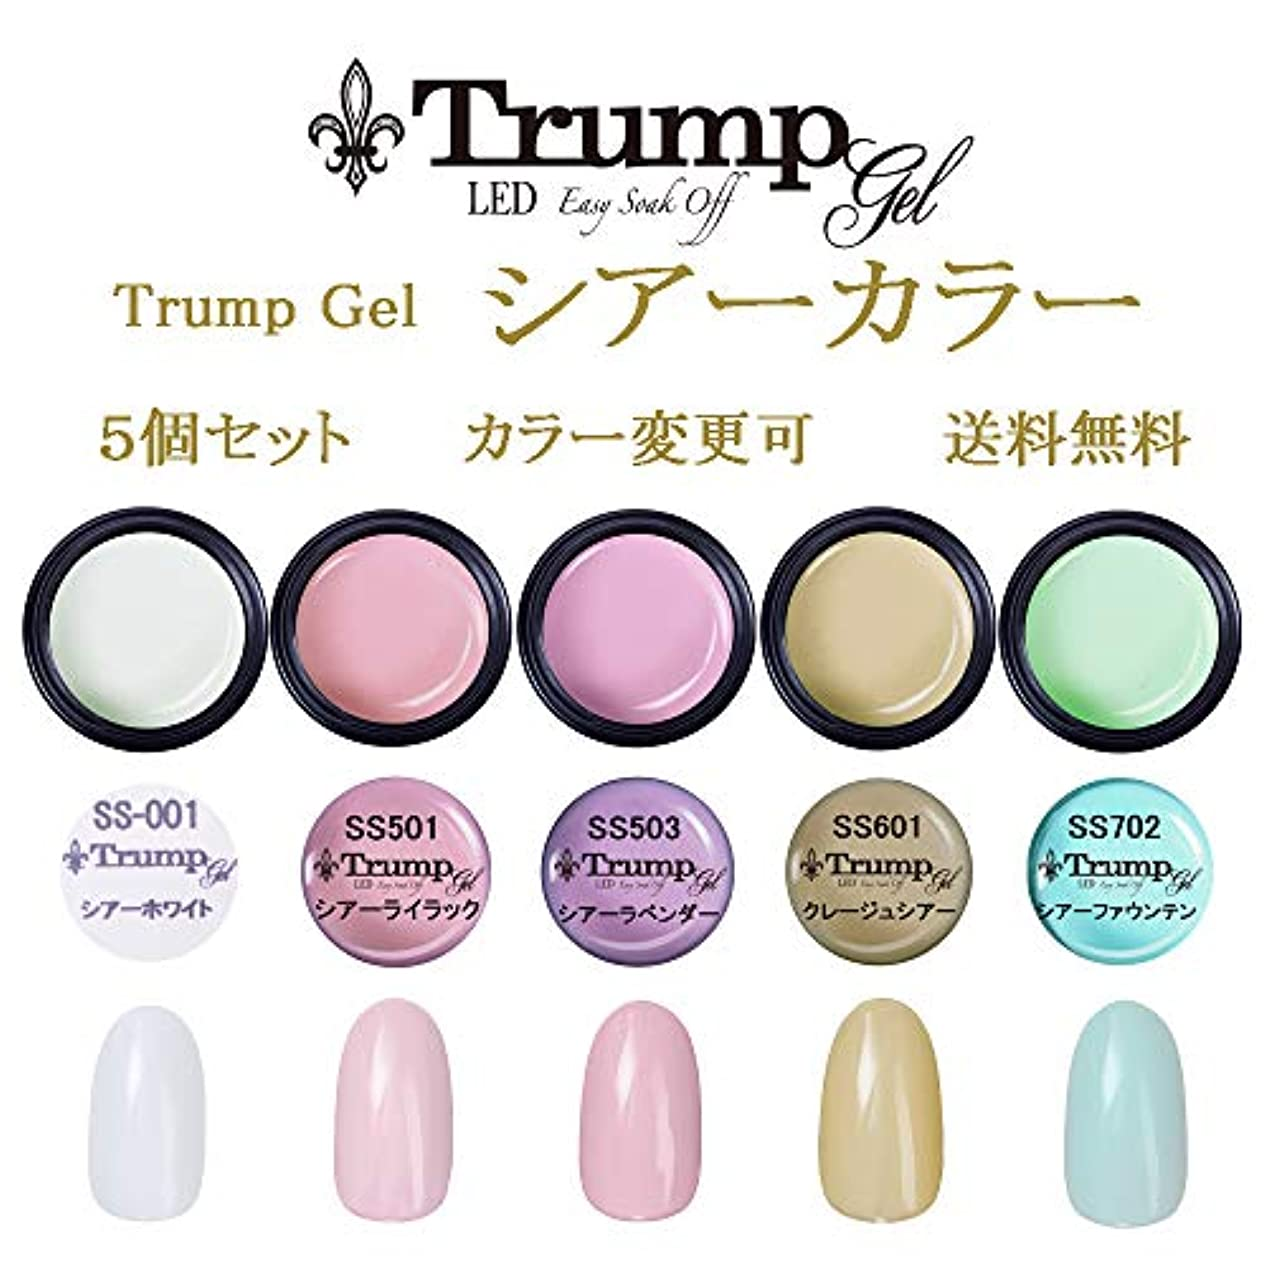 後継光電偽装する日本製 Trump gel トランプジェル シアー カラージェル 選べる 5個セット ホワイト ピンク パープル イエロー ブルー